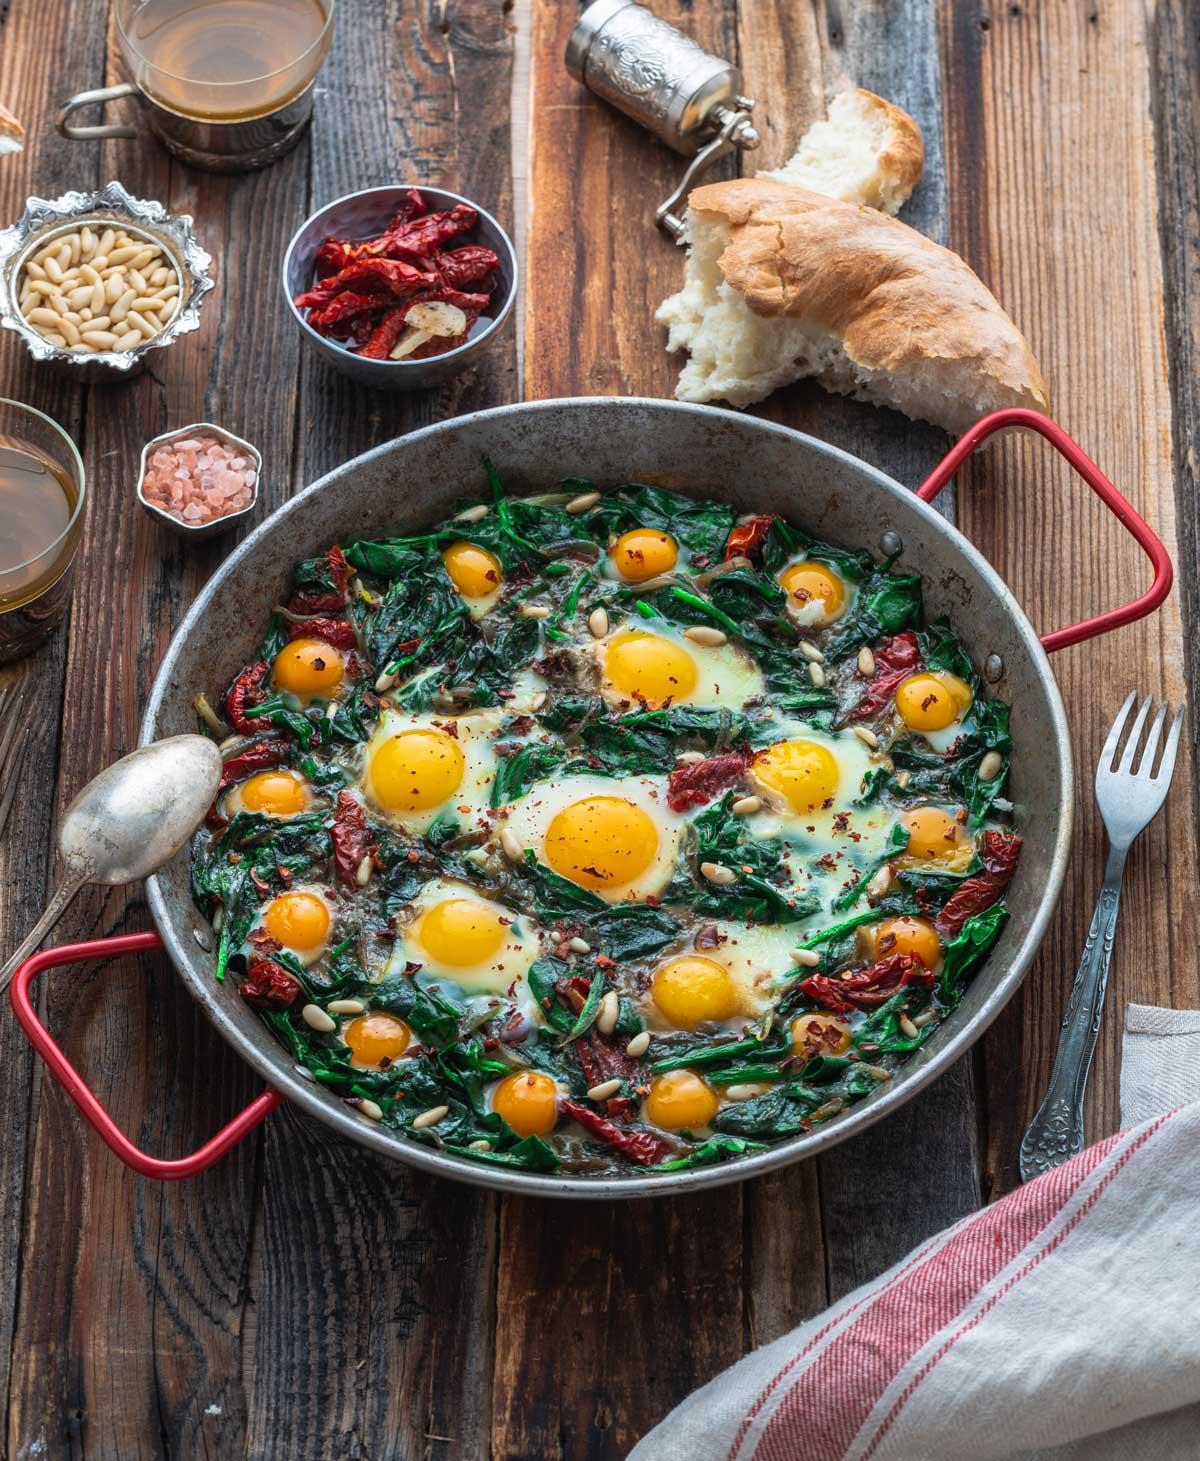 Frischer Spinat aus dem Marchfeld für Ihr Gründonnerstags-Menü